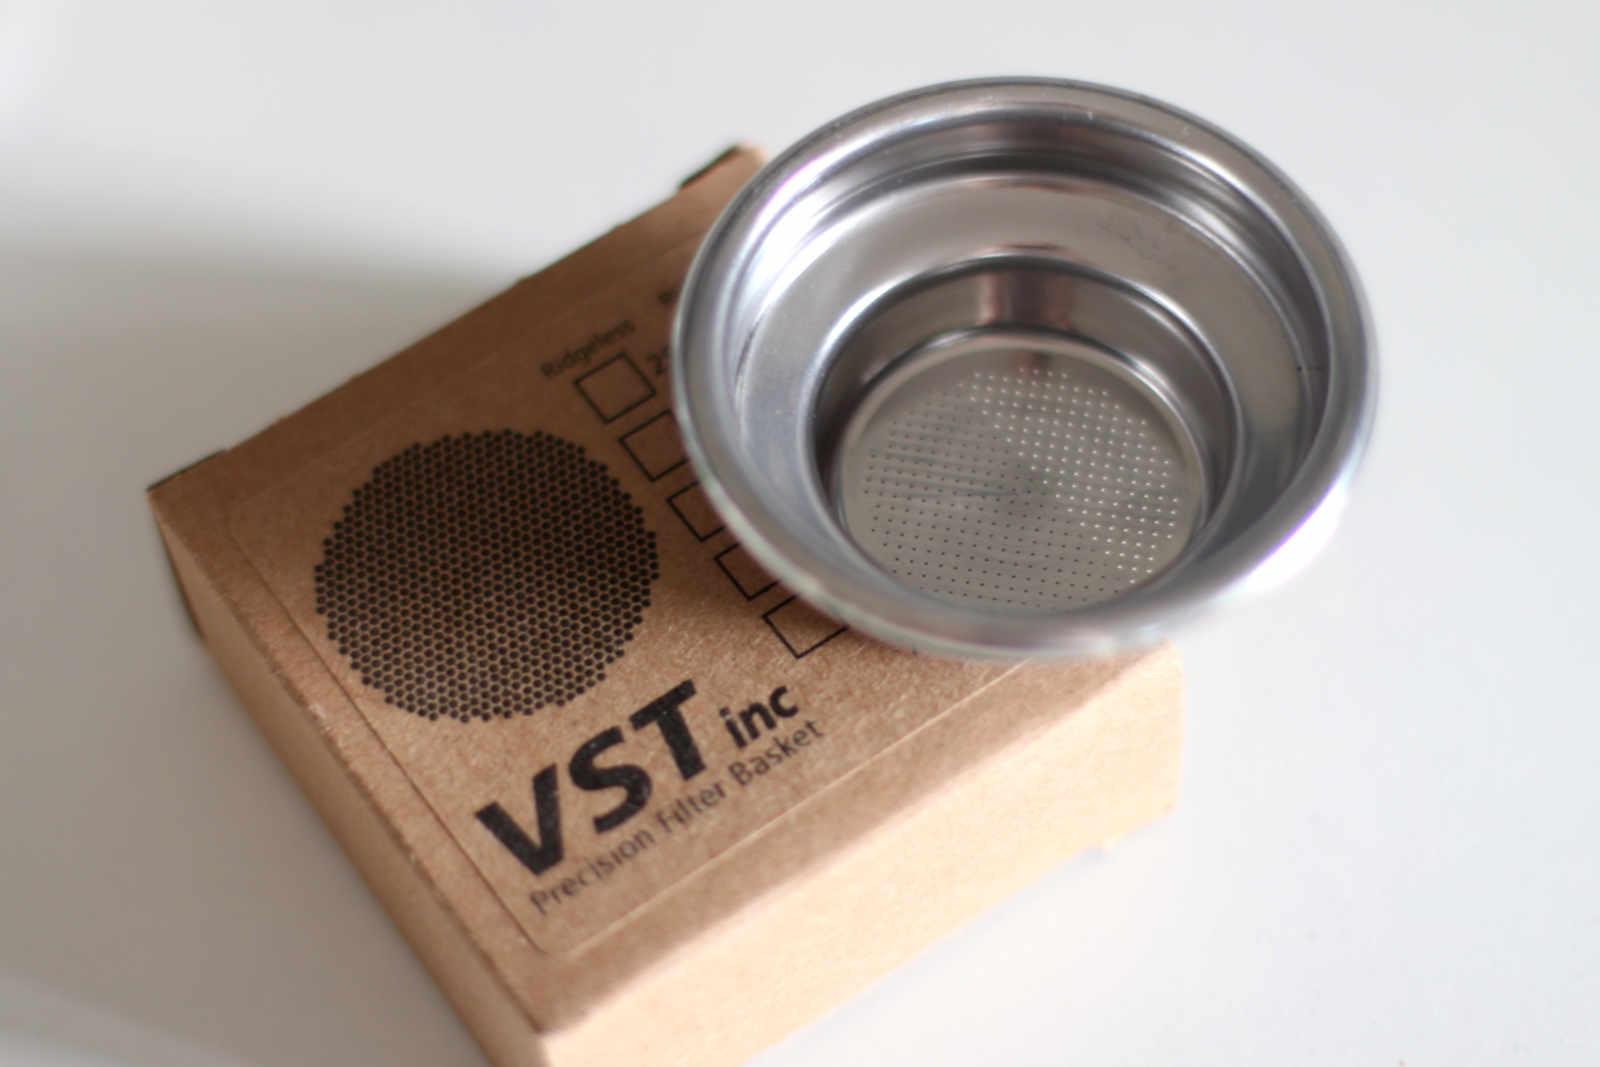 vst-sieb-58mm-7g